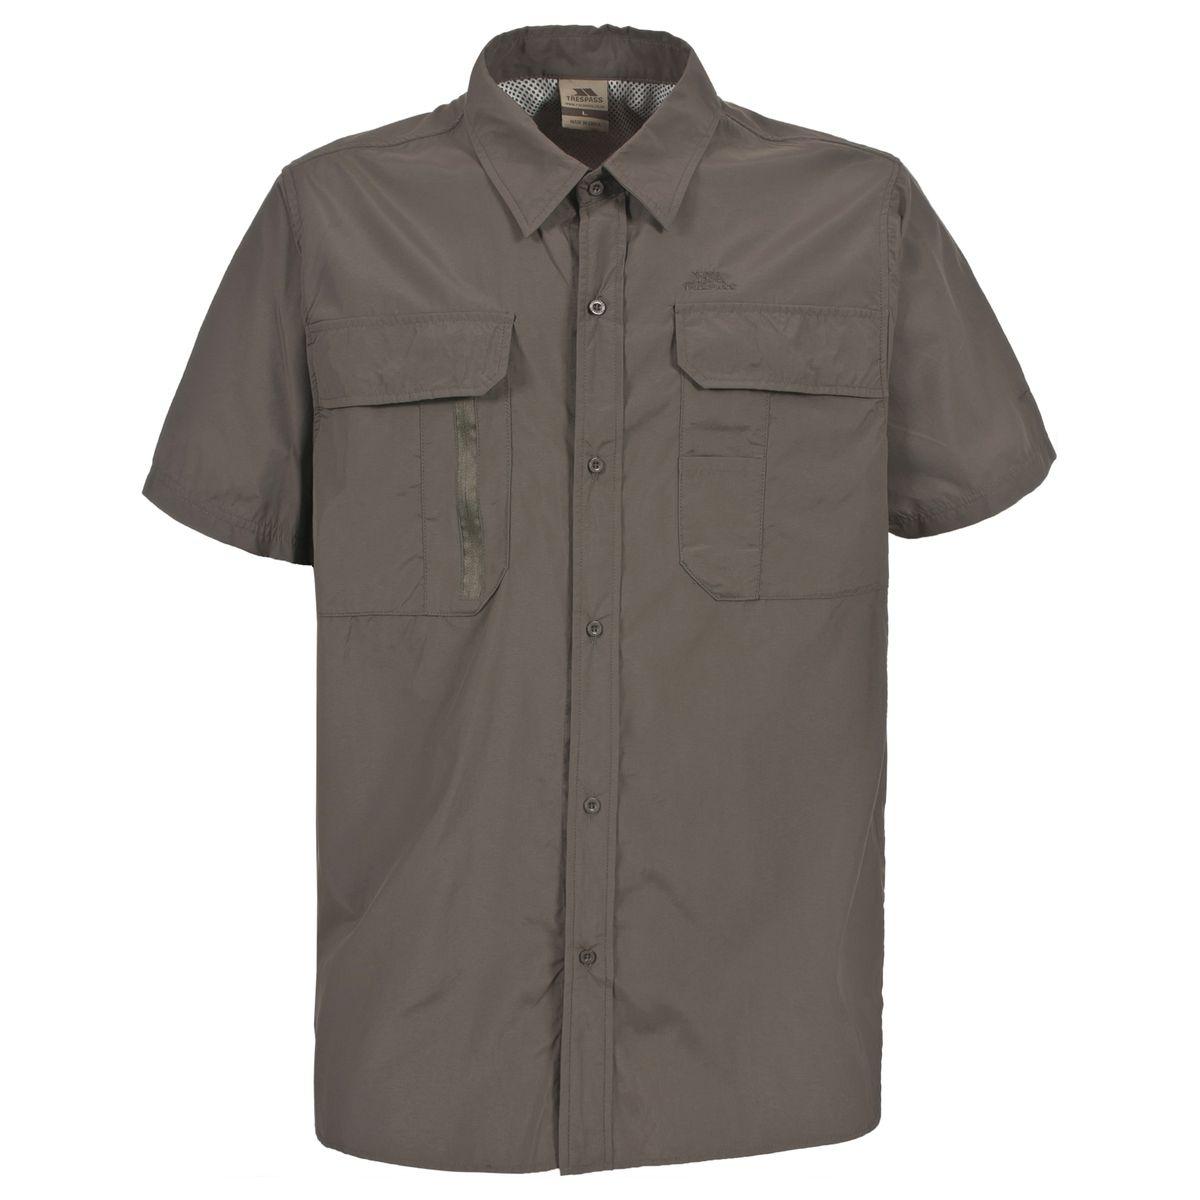 Colly Chemise manche courte randonnée marche homme